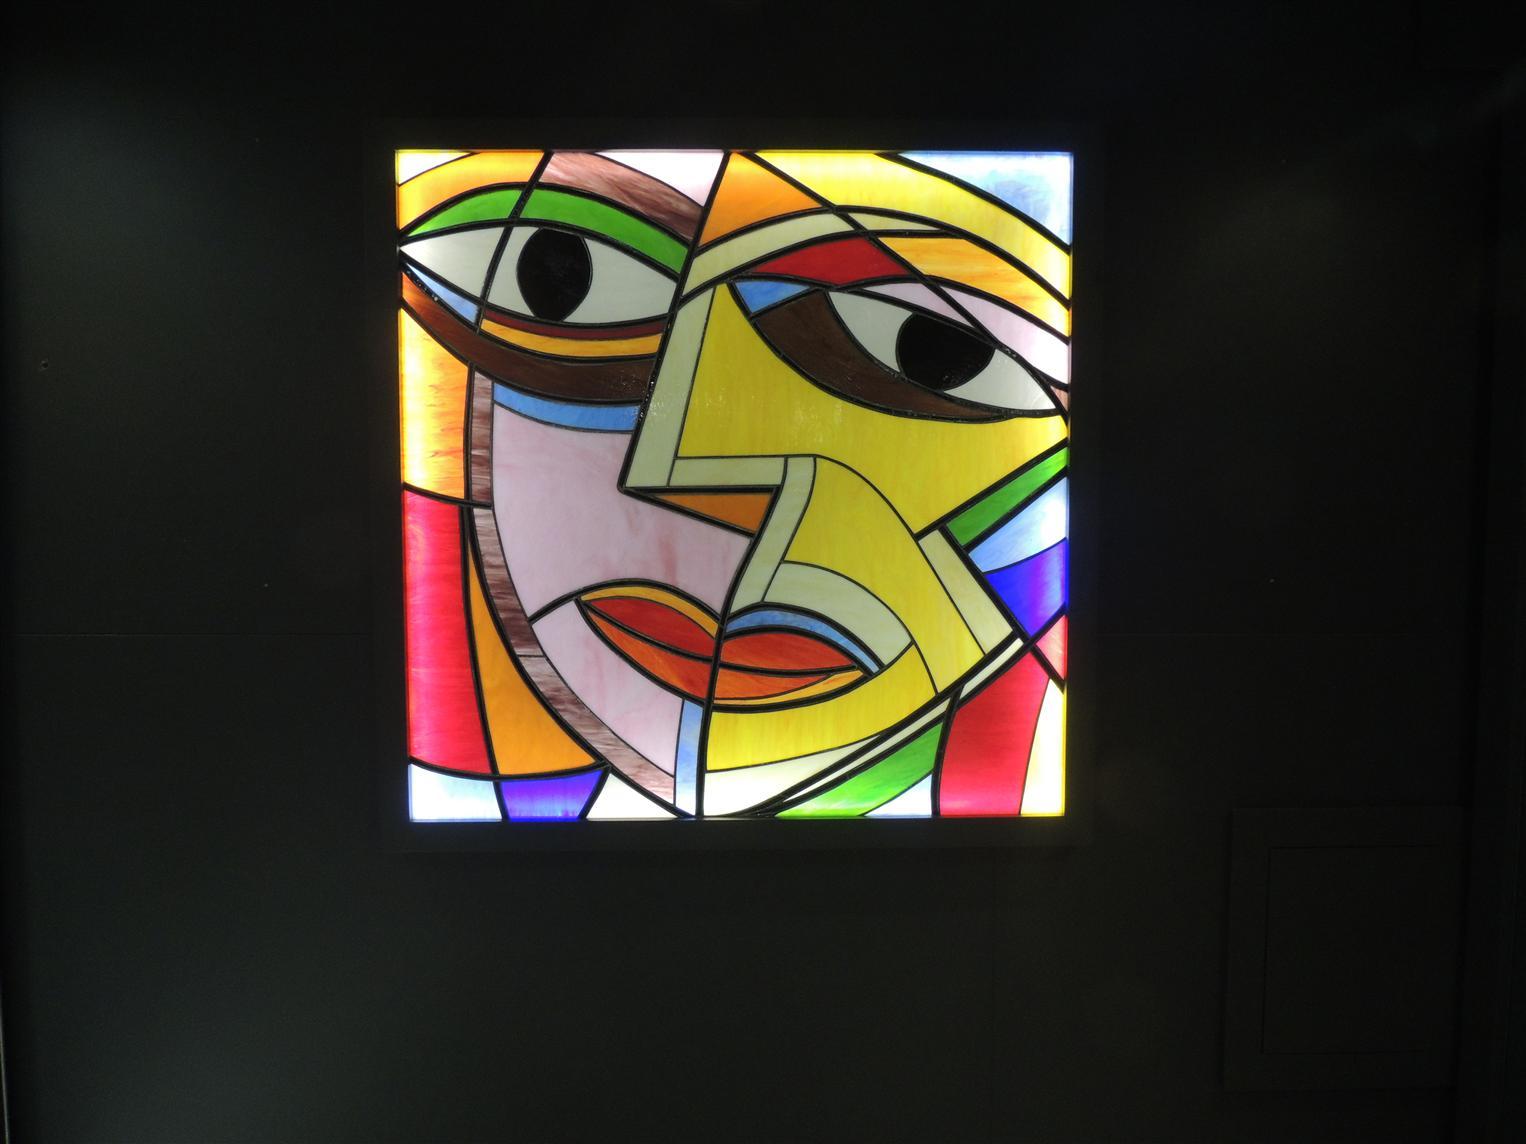 cagdas-holding201592294943974.jpg izmir vitray çalışması